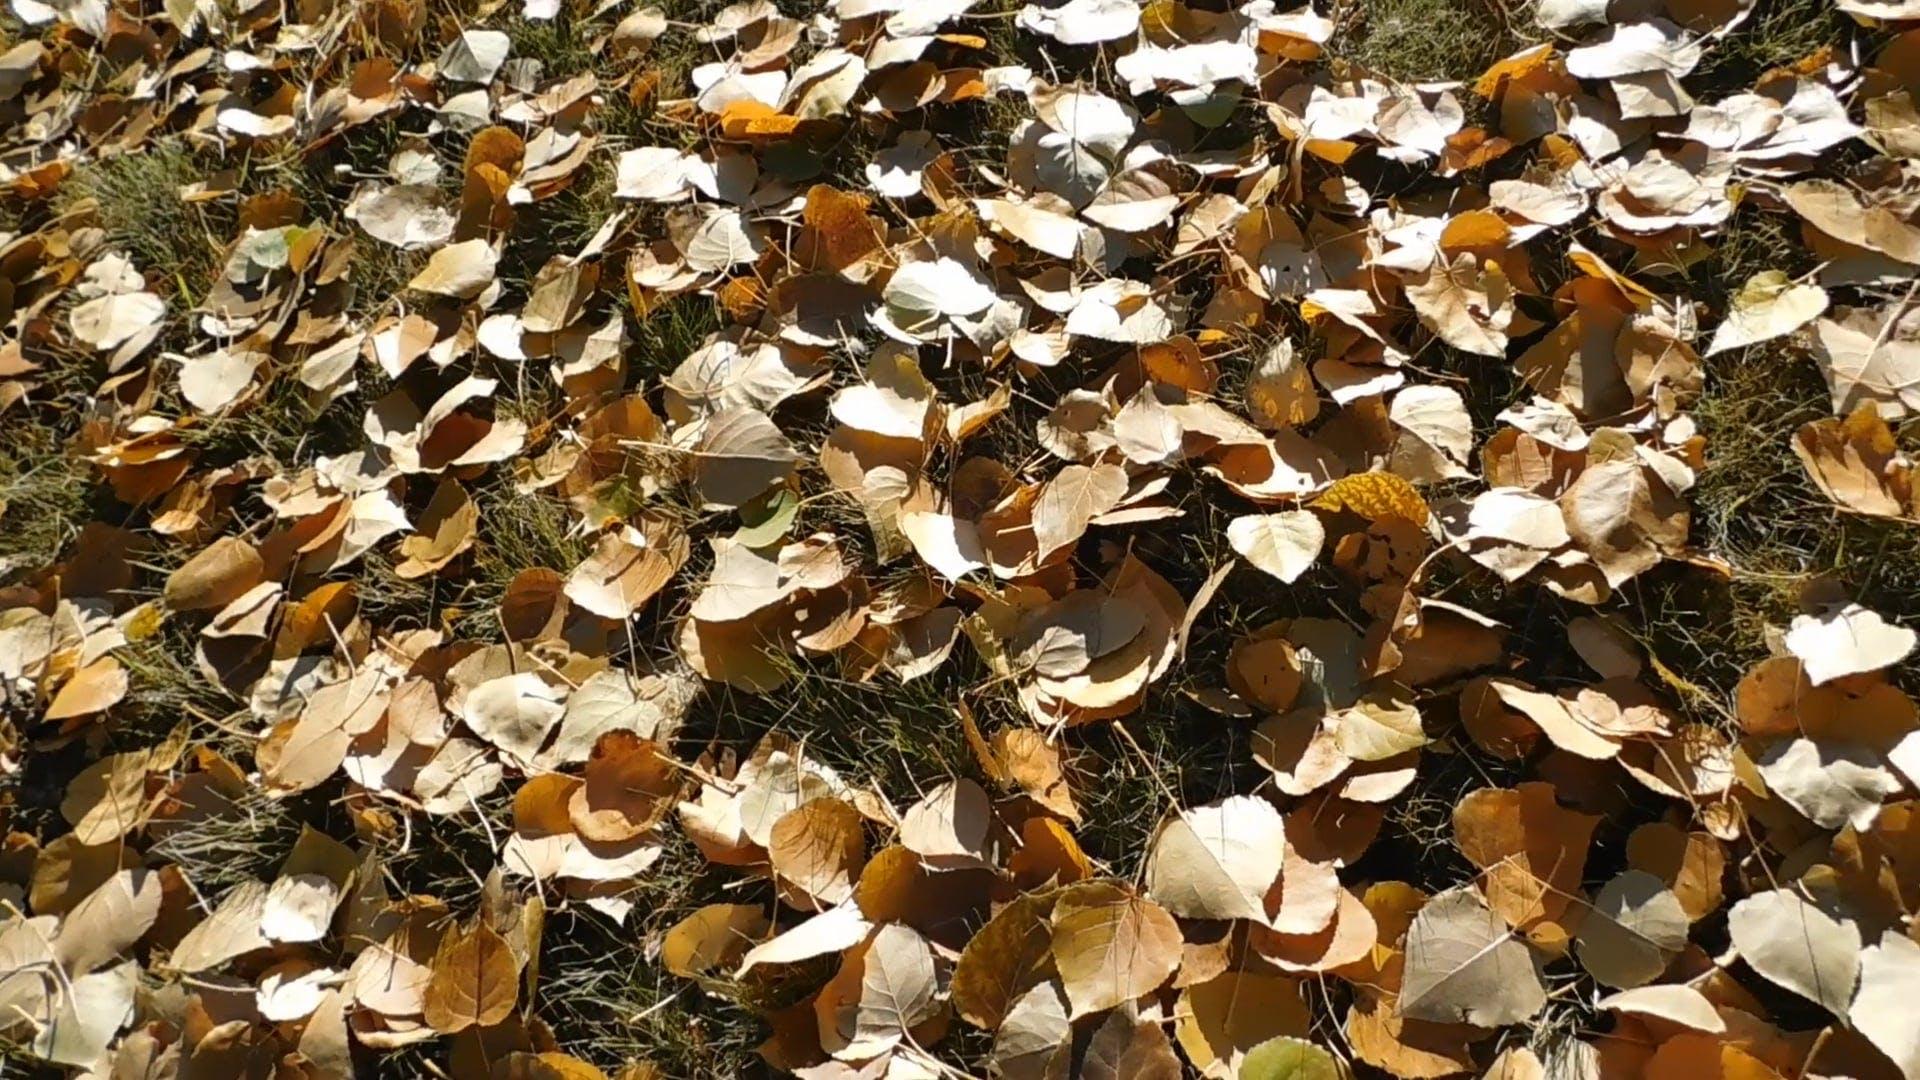 Dry Fallen Leaves